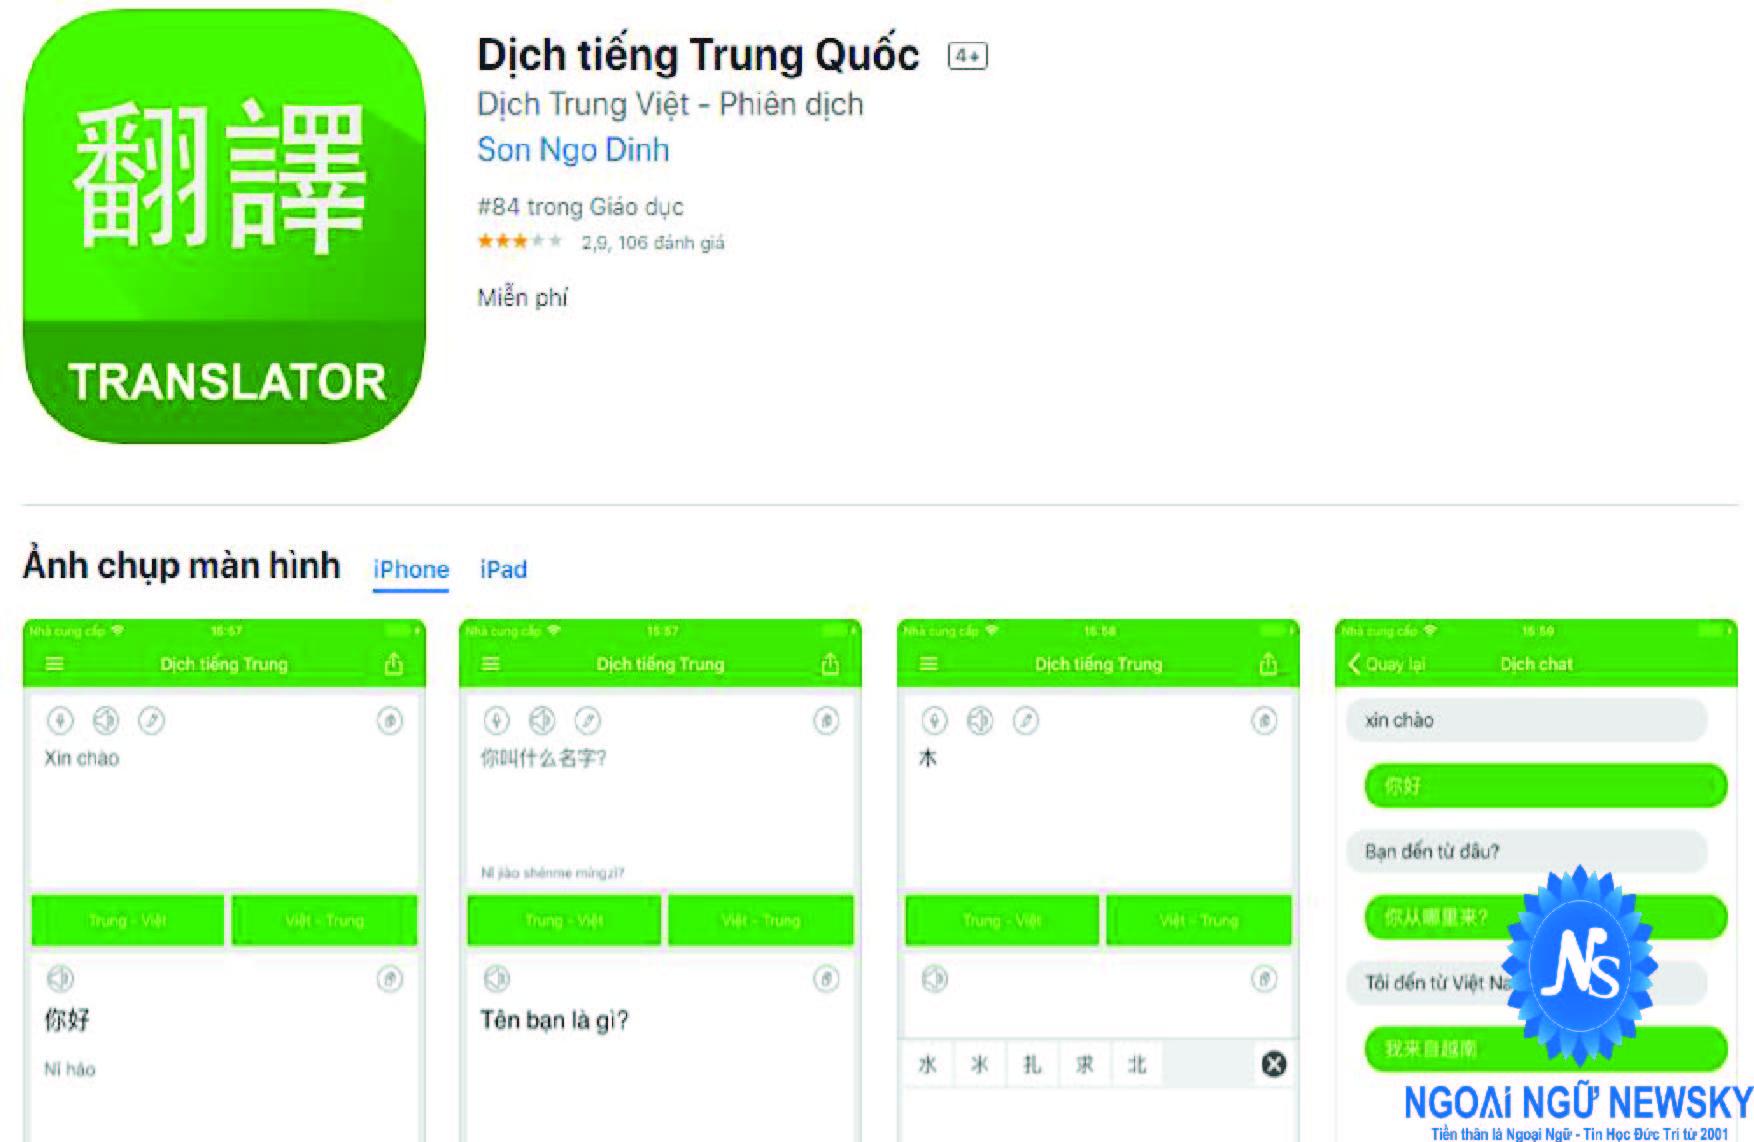 Đánh giá 5 ứng dụng Hỗ Trợ Dịch tiếng Trung phổ biến nhất